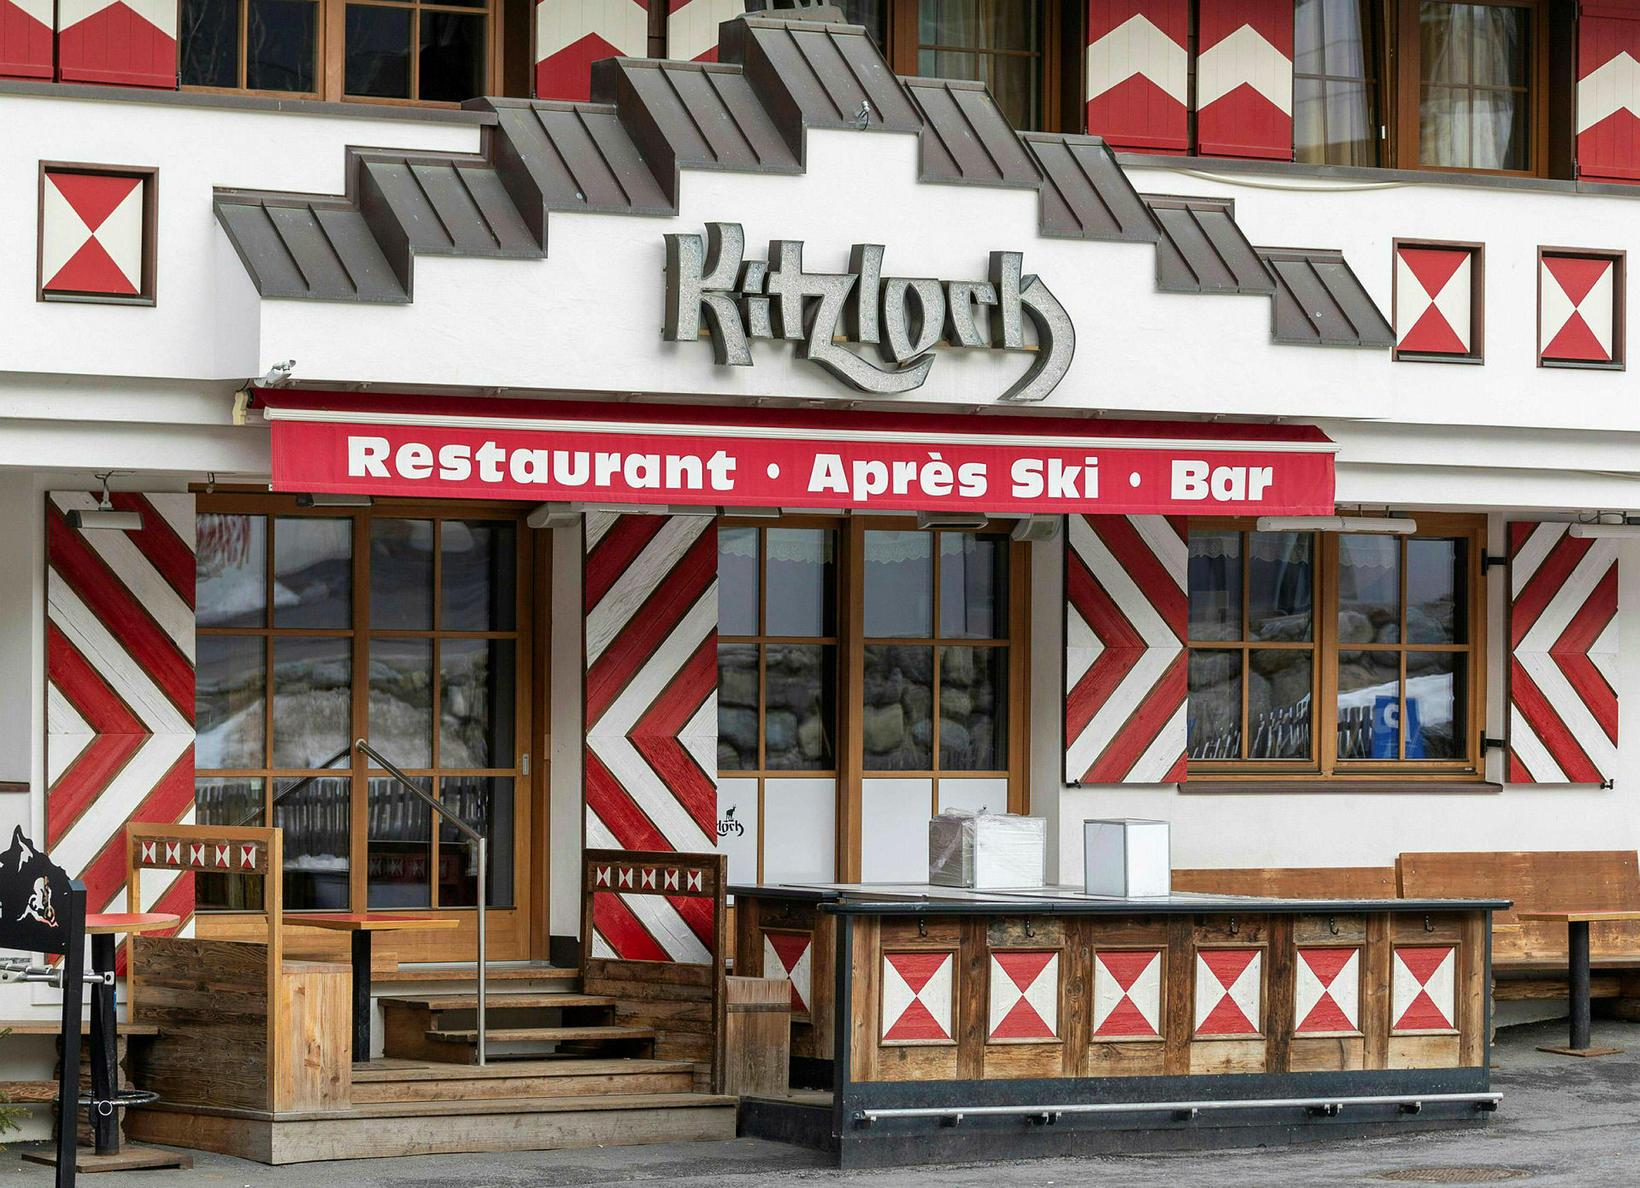 Vinsæll skíðabar, Kitzloch, er tekinn sem dæmi þar sem veiran …